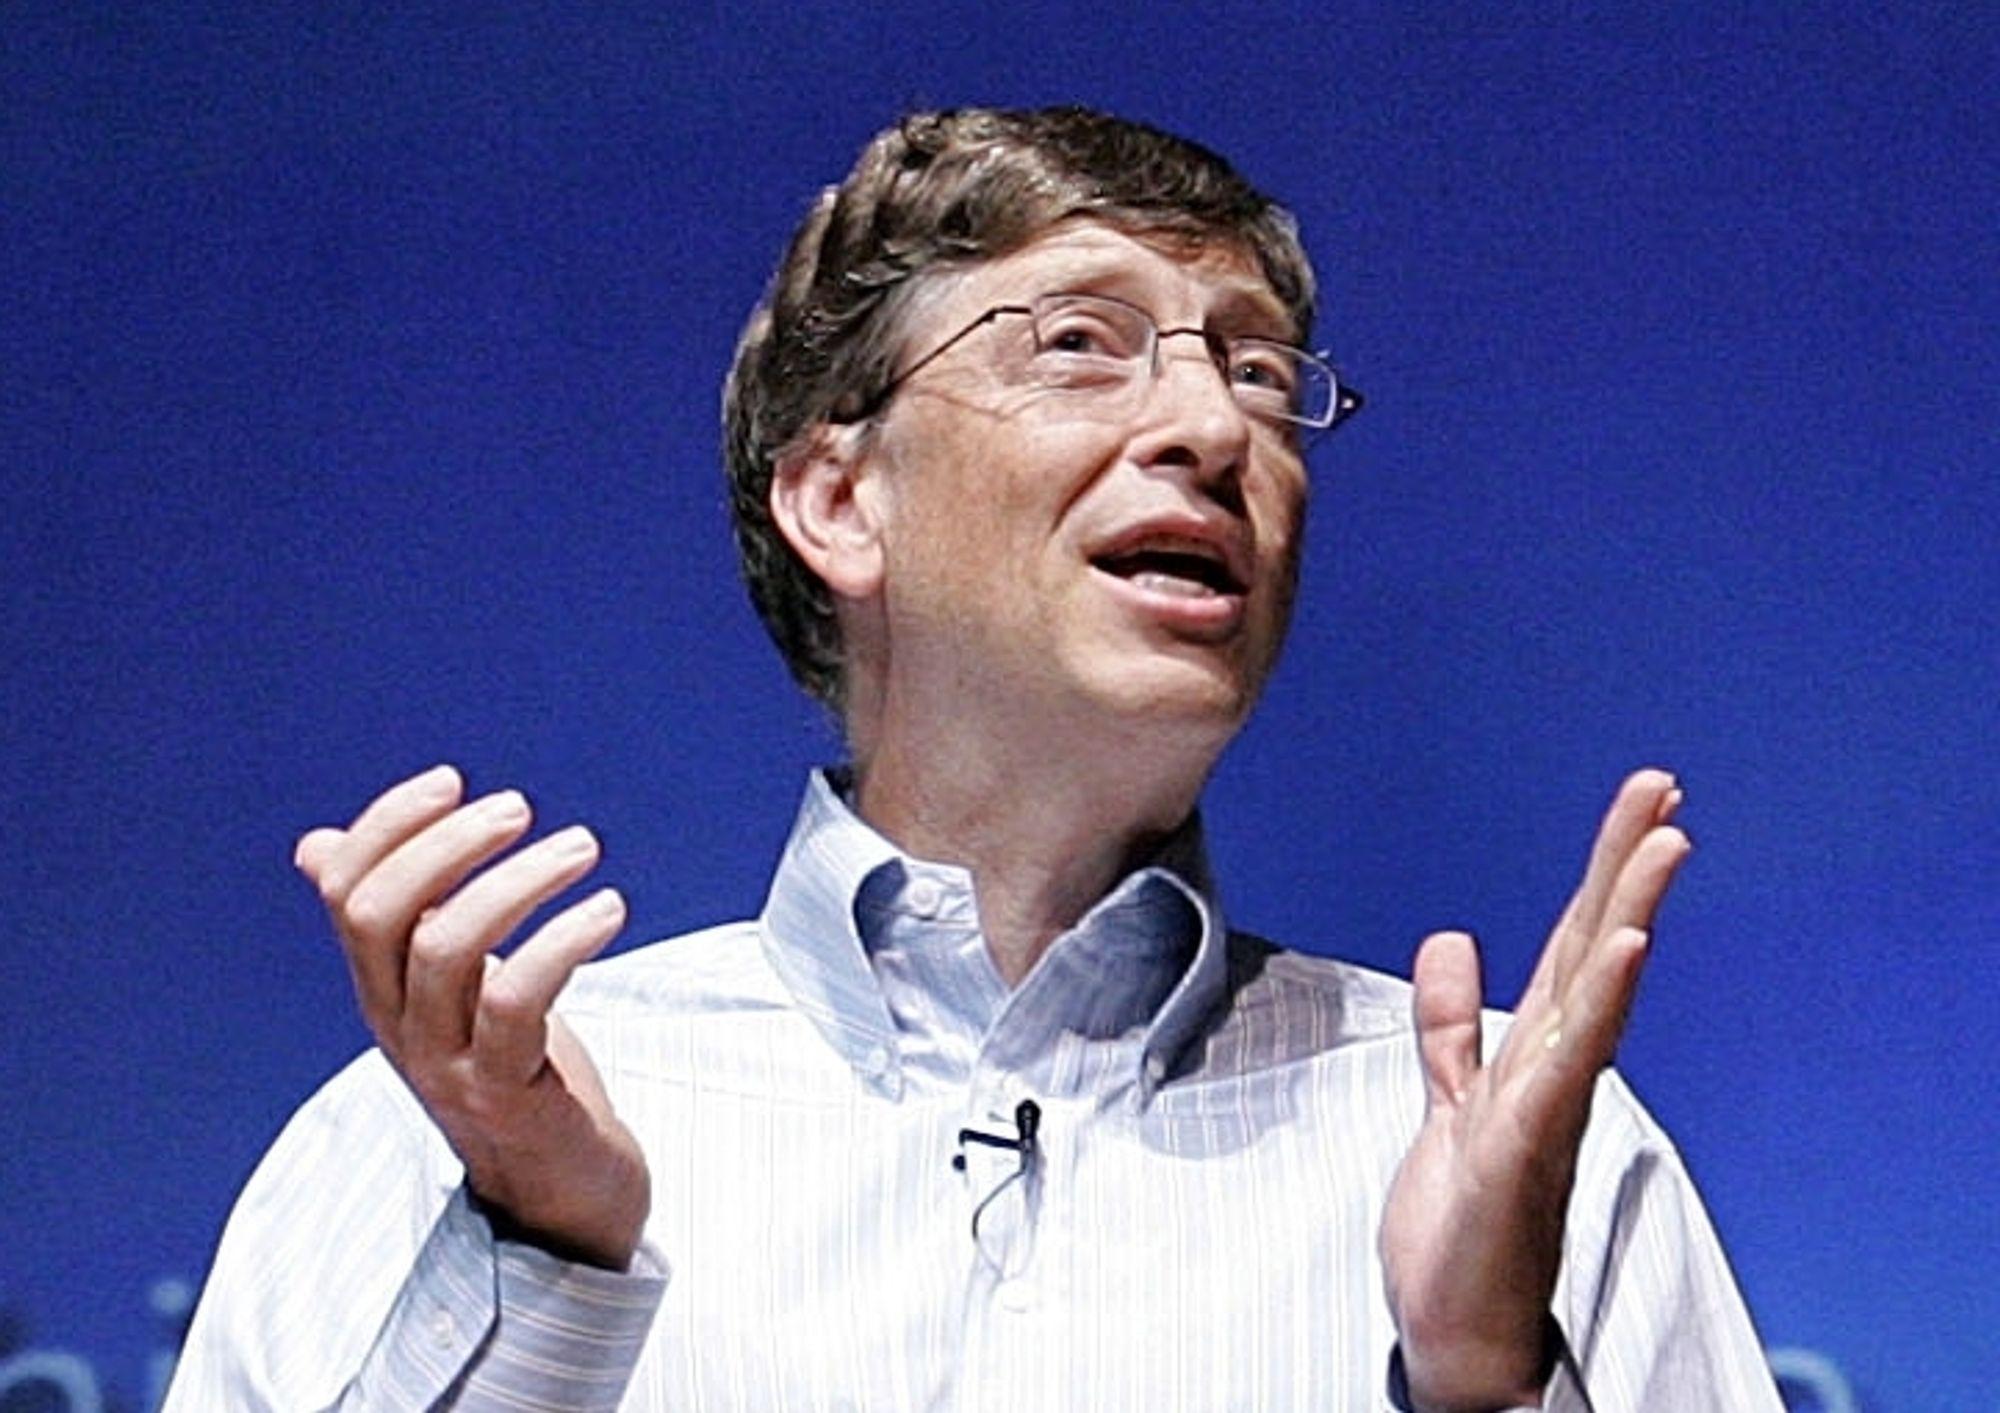 GÅR I FRØ MED PENGER: Bill Gates har sagt at han har mer penger enn han selv trenger, derfor har han opprettet en veldedig stiftelse, som blant annet har gitt oppstartskapital til Verdens frøbank på Svalbard.